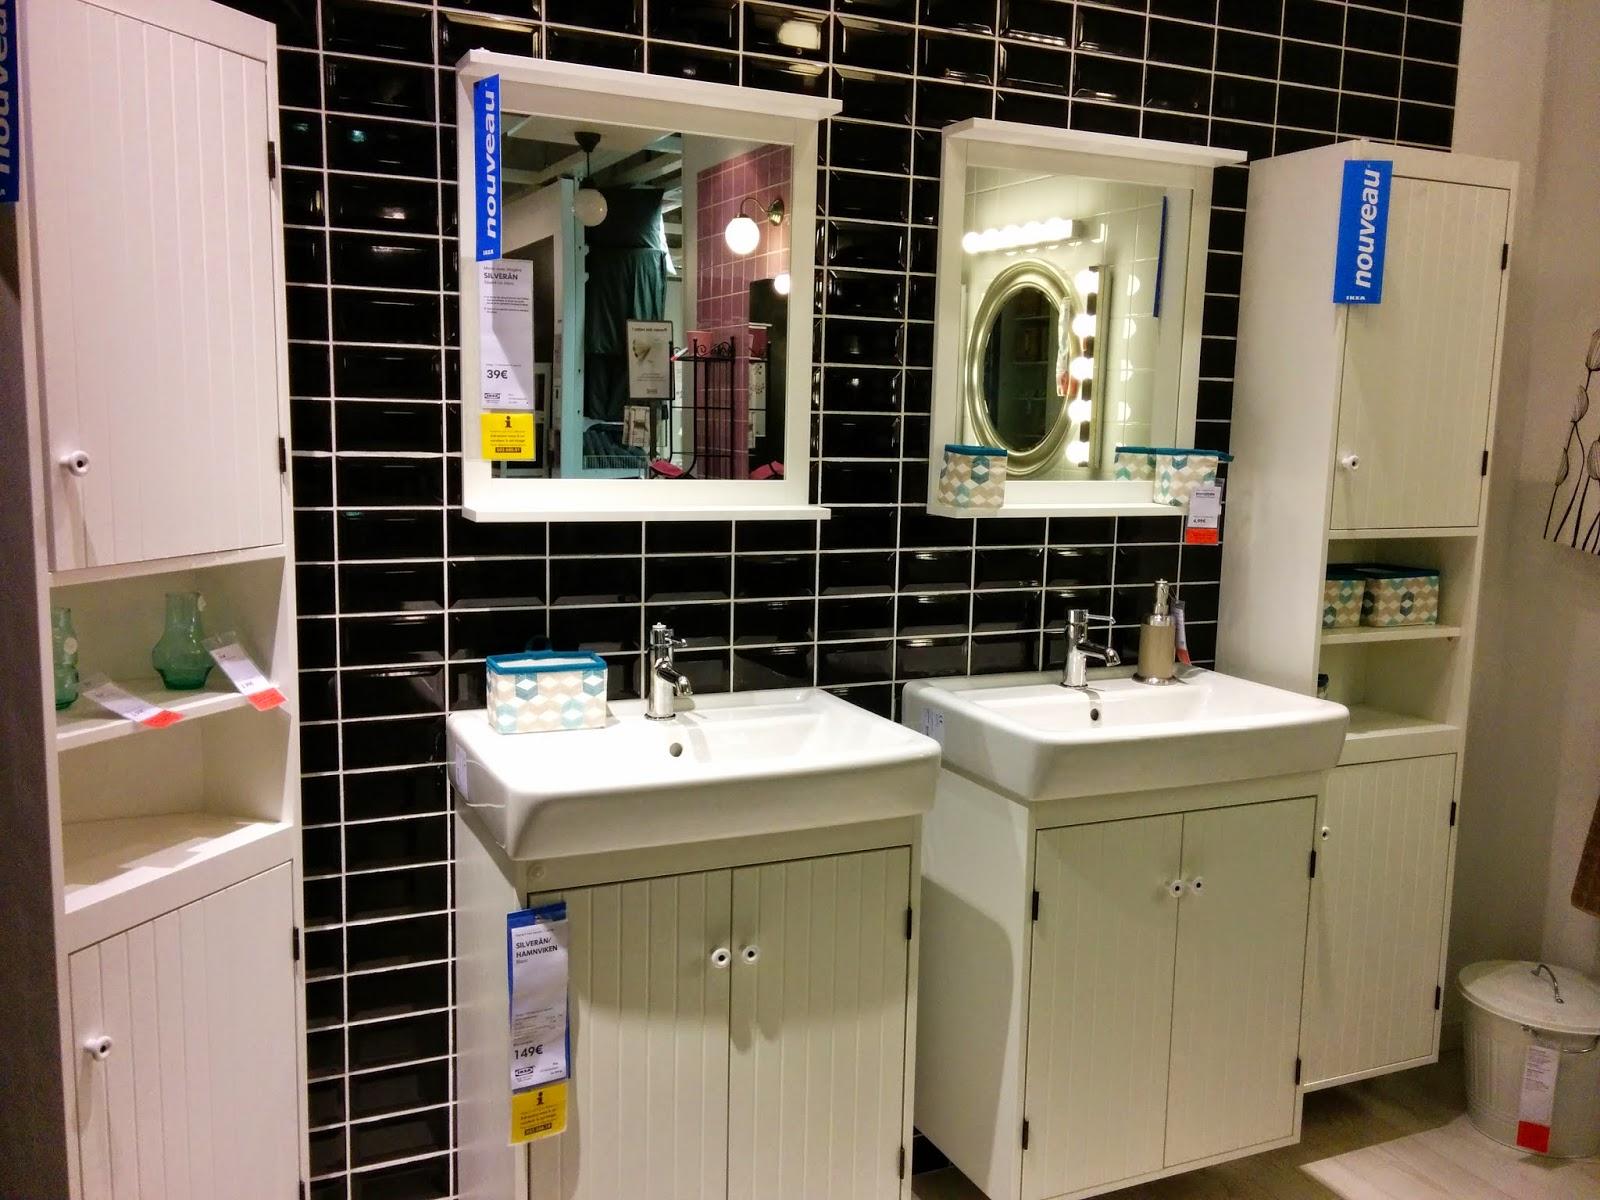 R novation d 39 une salle de bain de 10 m for Renovation salle de bain prix moyen